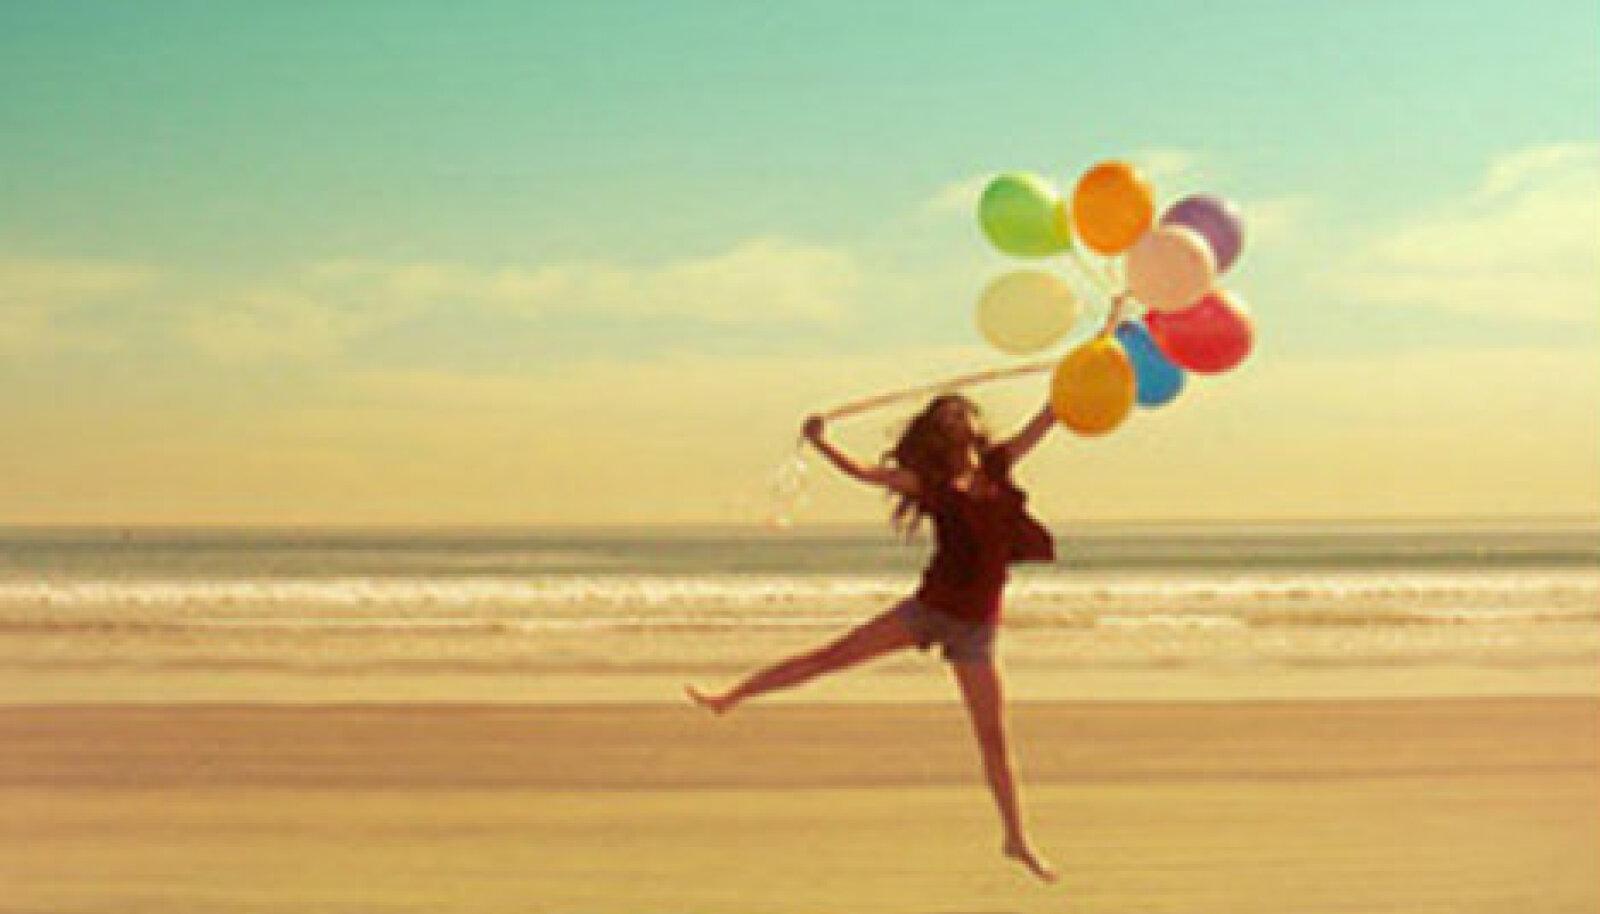 Sul on valik - sa kas valid hea elu (õnne) või halva elu (õnnetuse)